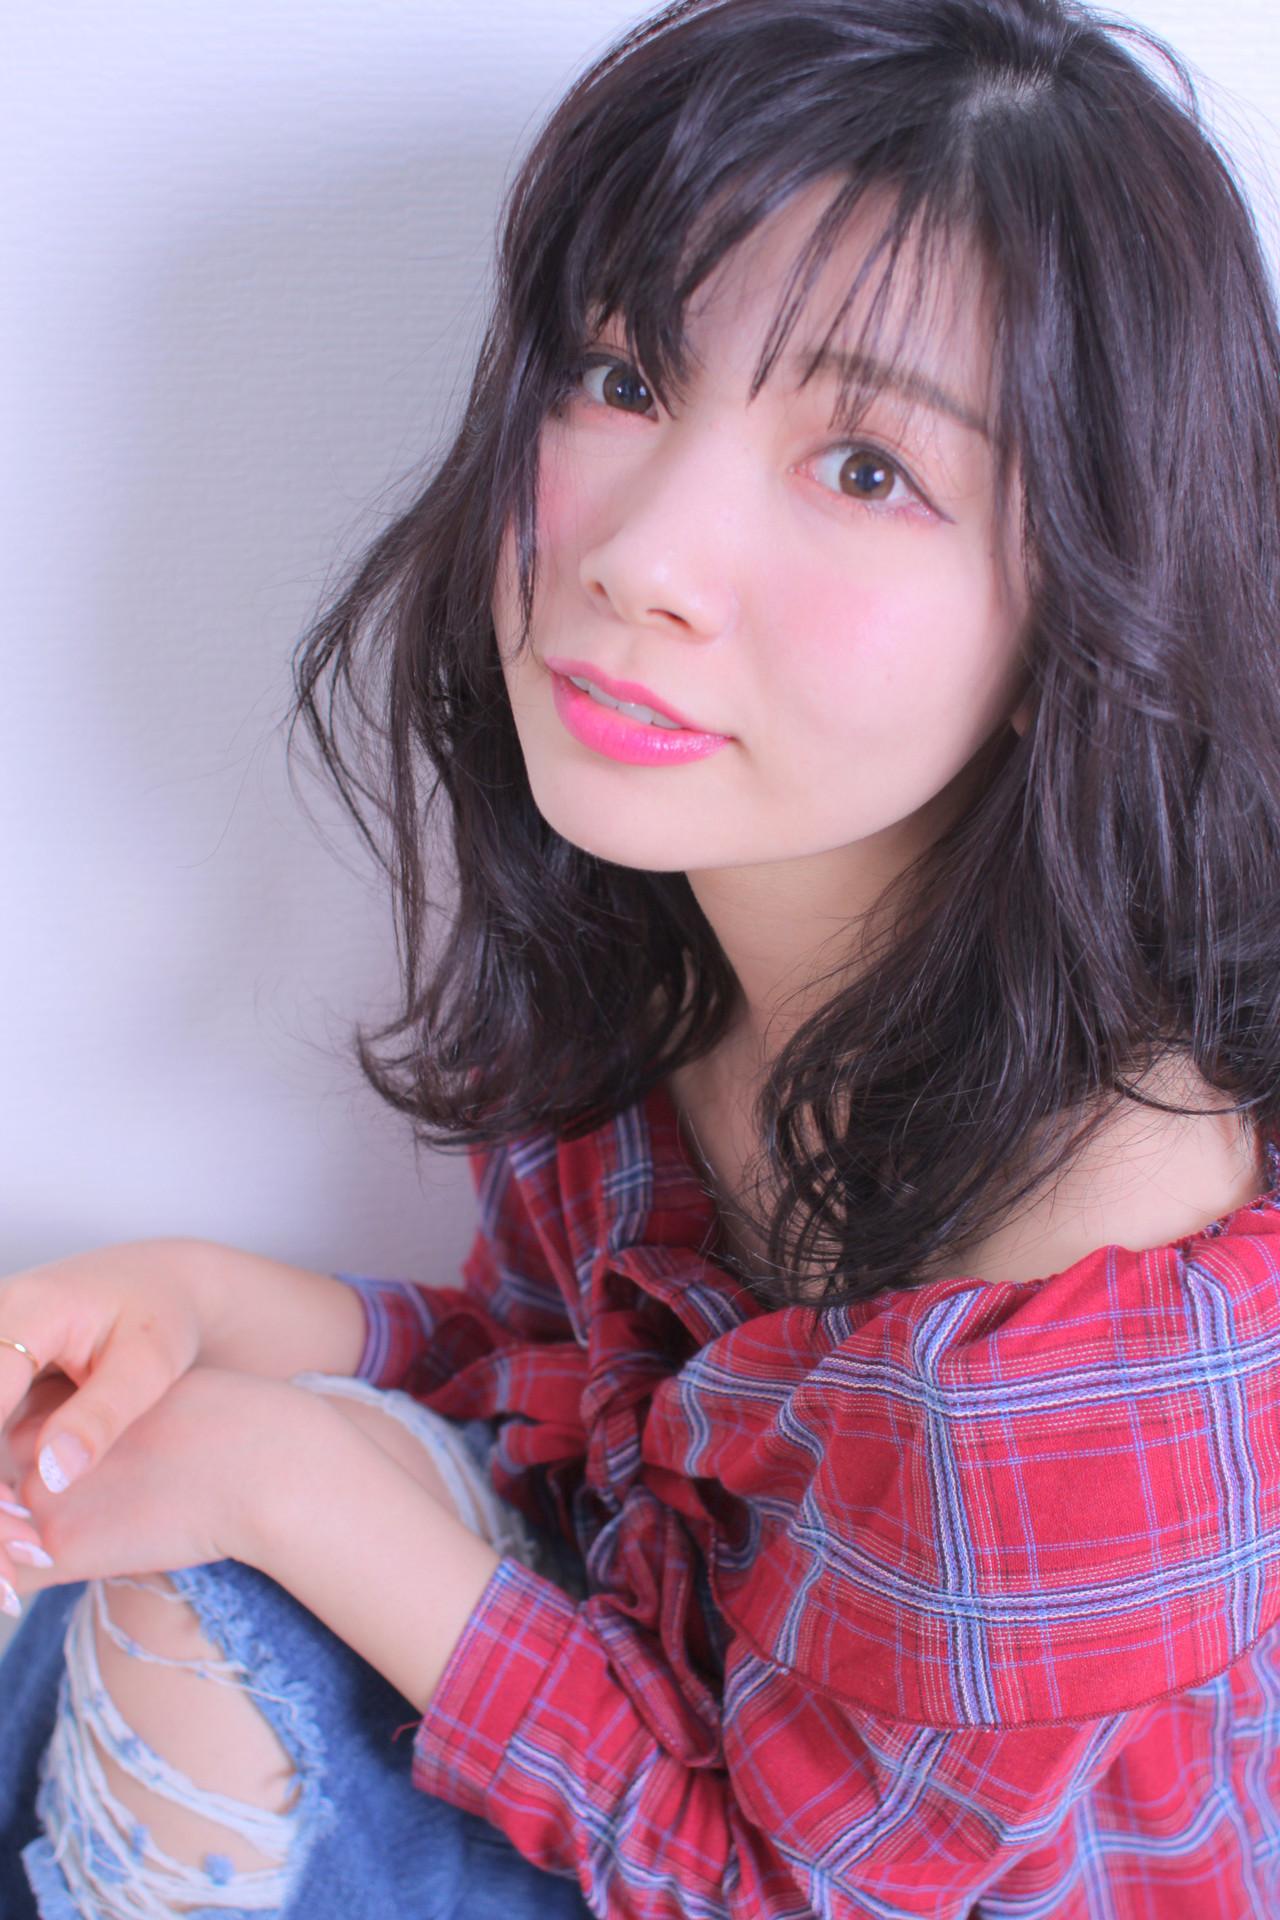 ロング アンニュイほつれヘア モテ髪 撮影 ヘアスタイルや髪型の写真・画像